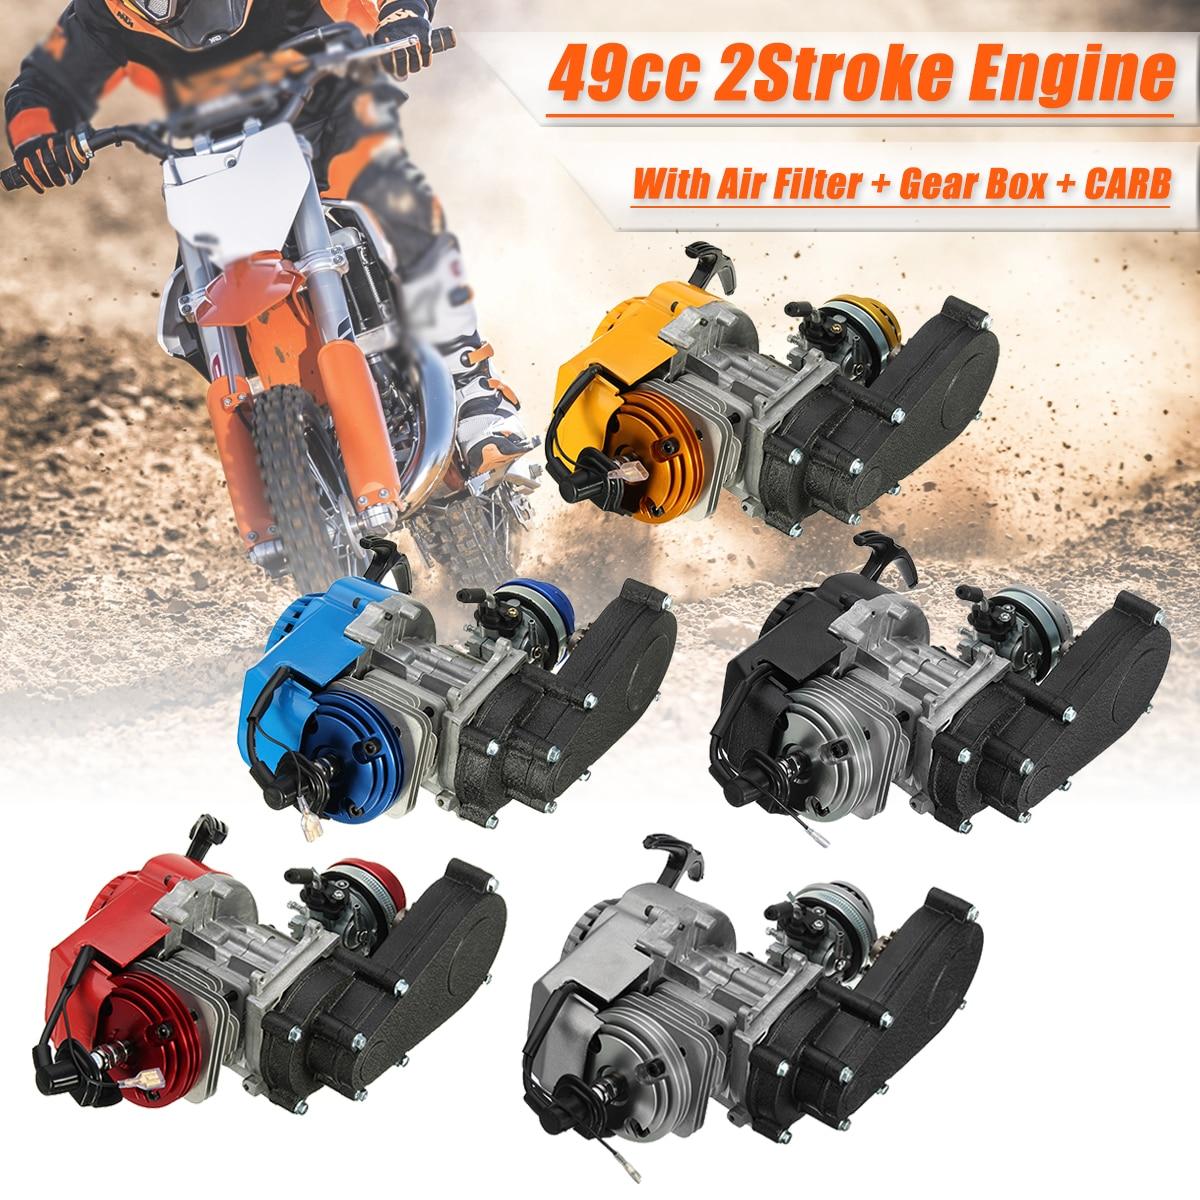 2 тактный двигатели для автомобиля двигатель w/трансмиссия CarburetorAir фильтр шестерни Box 49CC мини Байк ATV Quad синий желтый черный, красный щепка